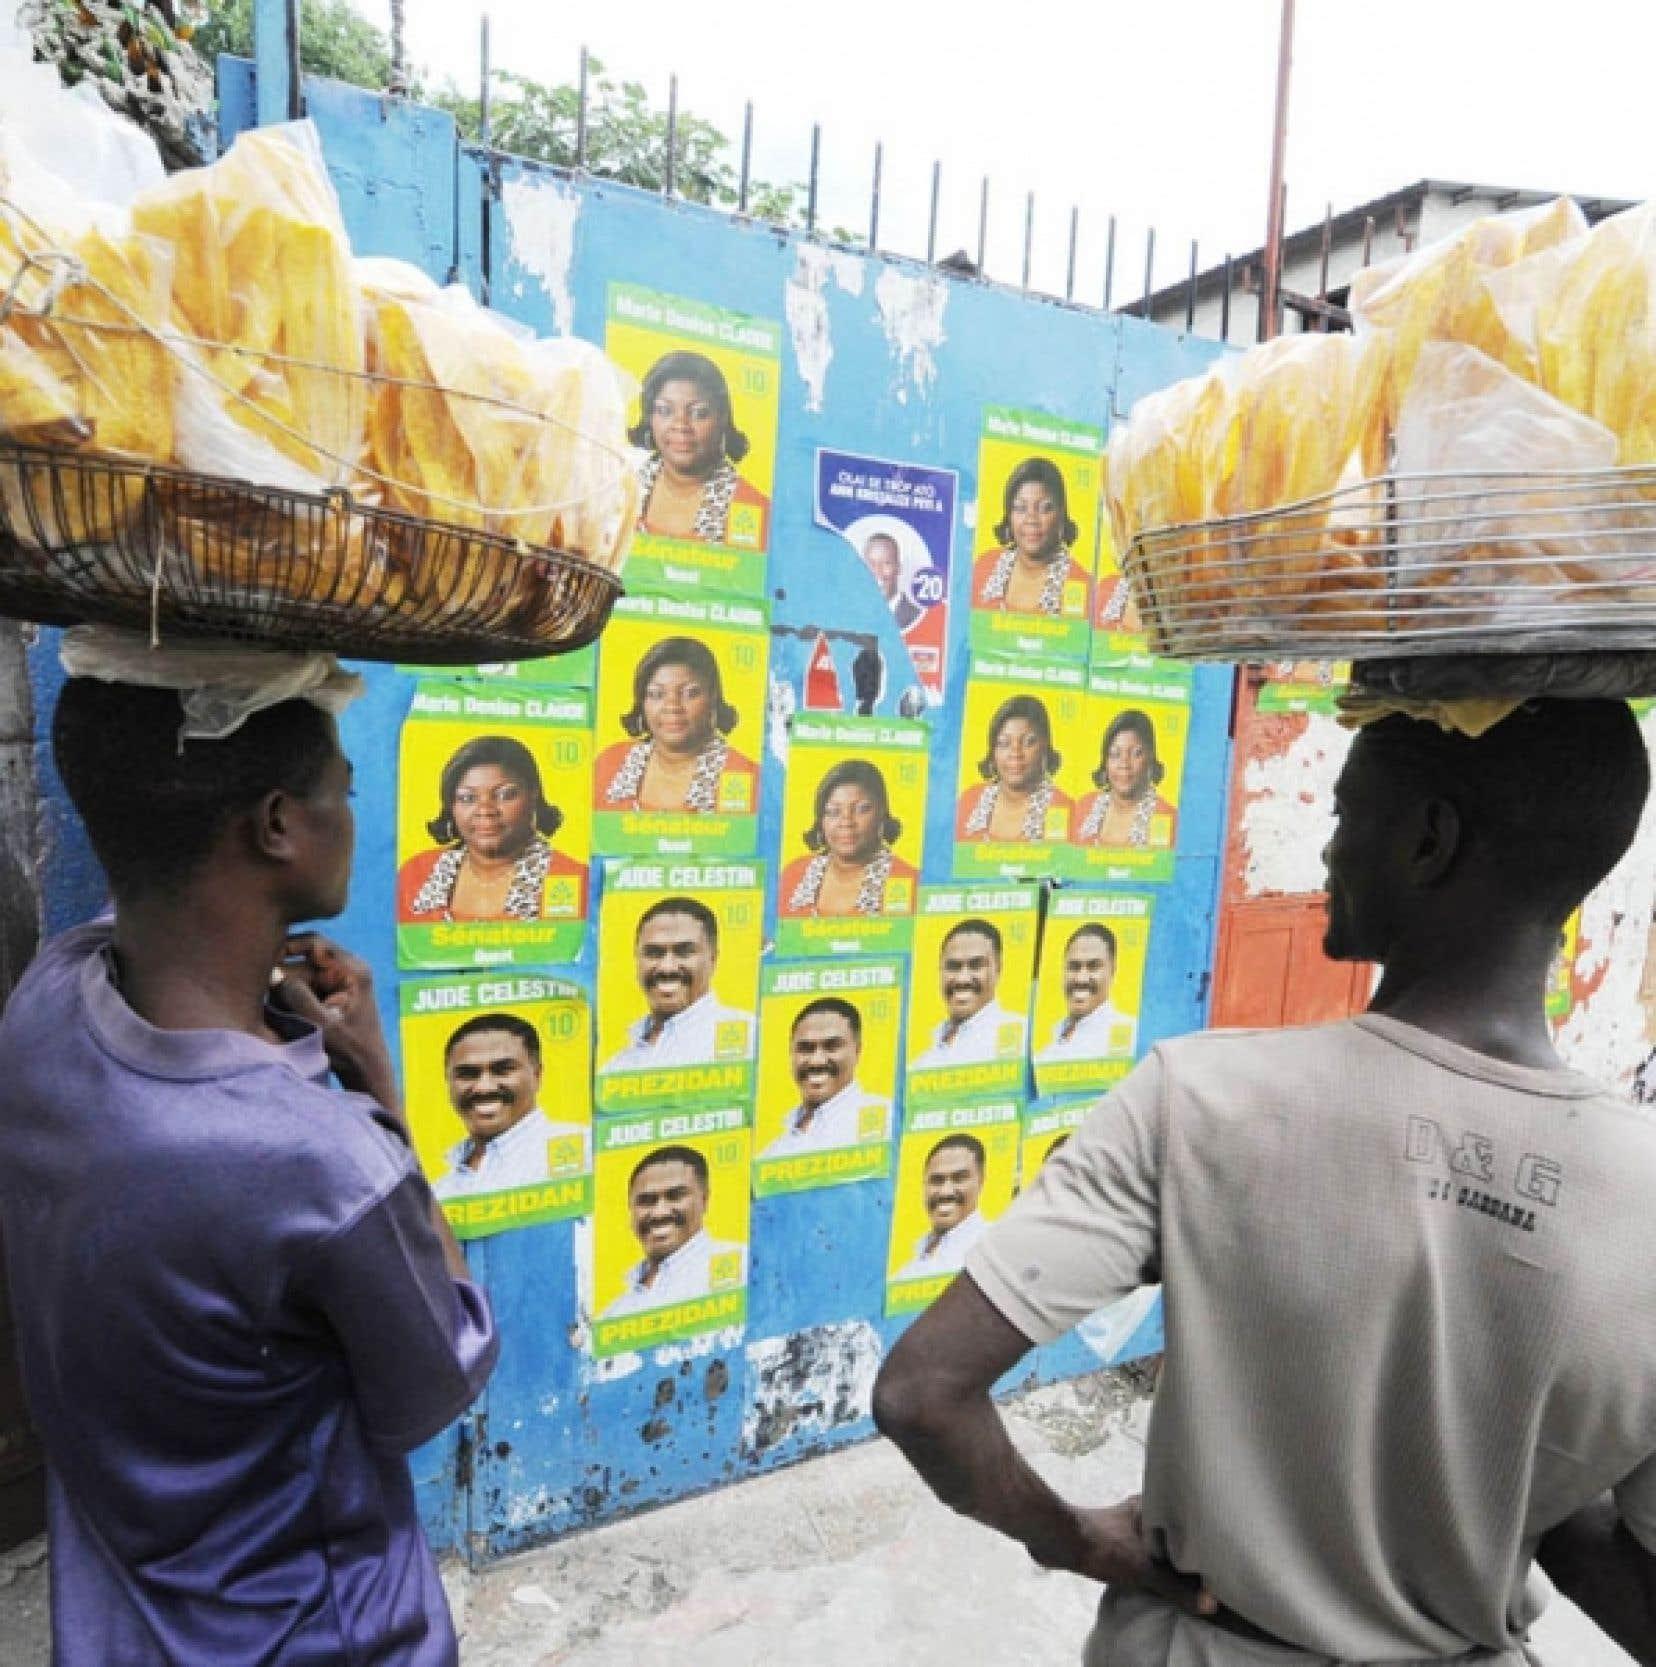 Marchands ambulants devant des affiches électorales à Port-au-Prince<br />